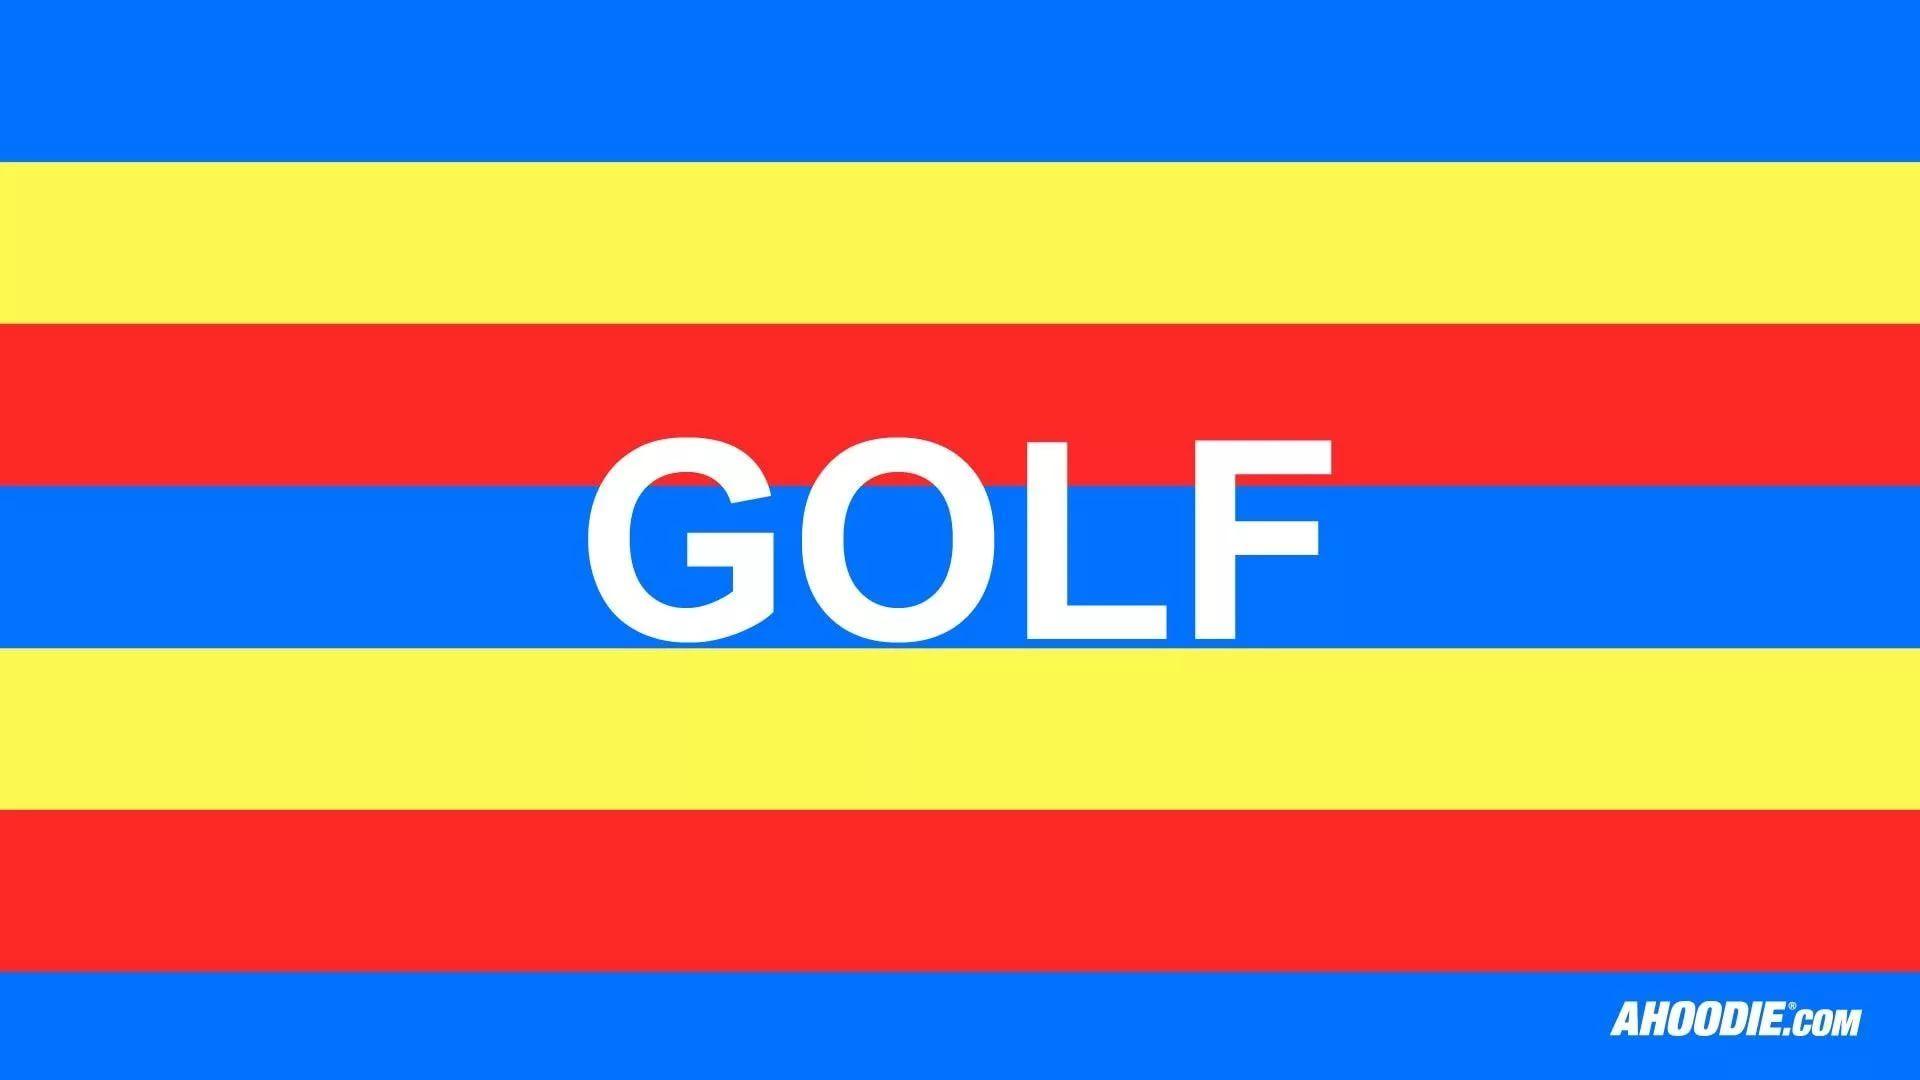 Golf Wang background wallpaper